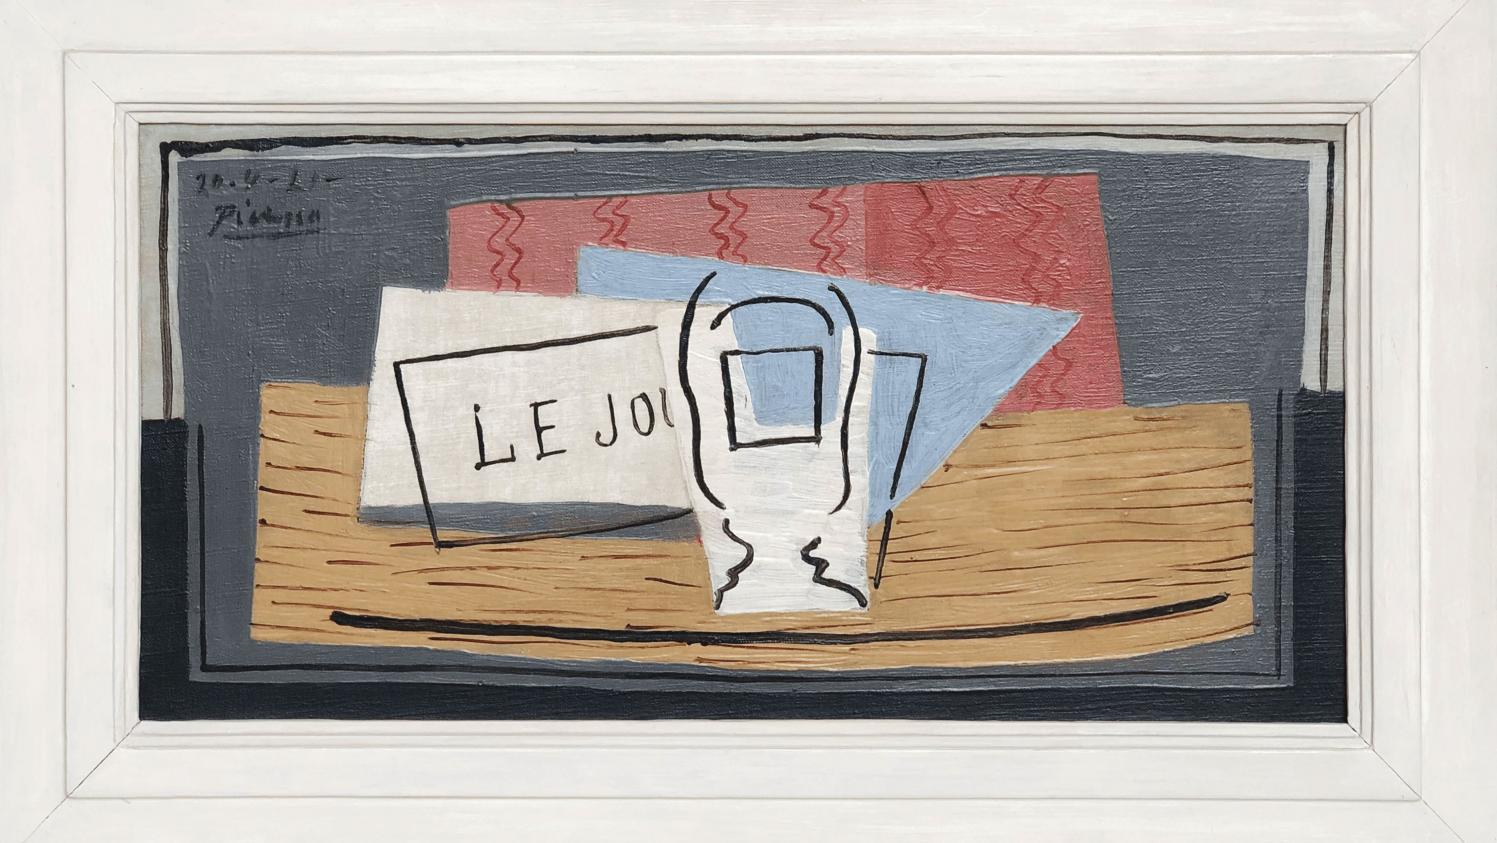 Tableau Pour Mettre Dans Les Toilettes un picasso pour 100 euros : une loterie caritative promet un